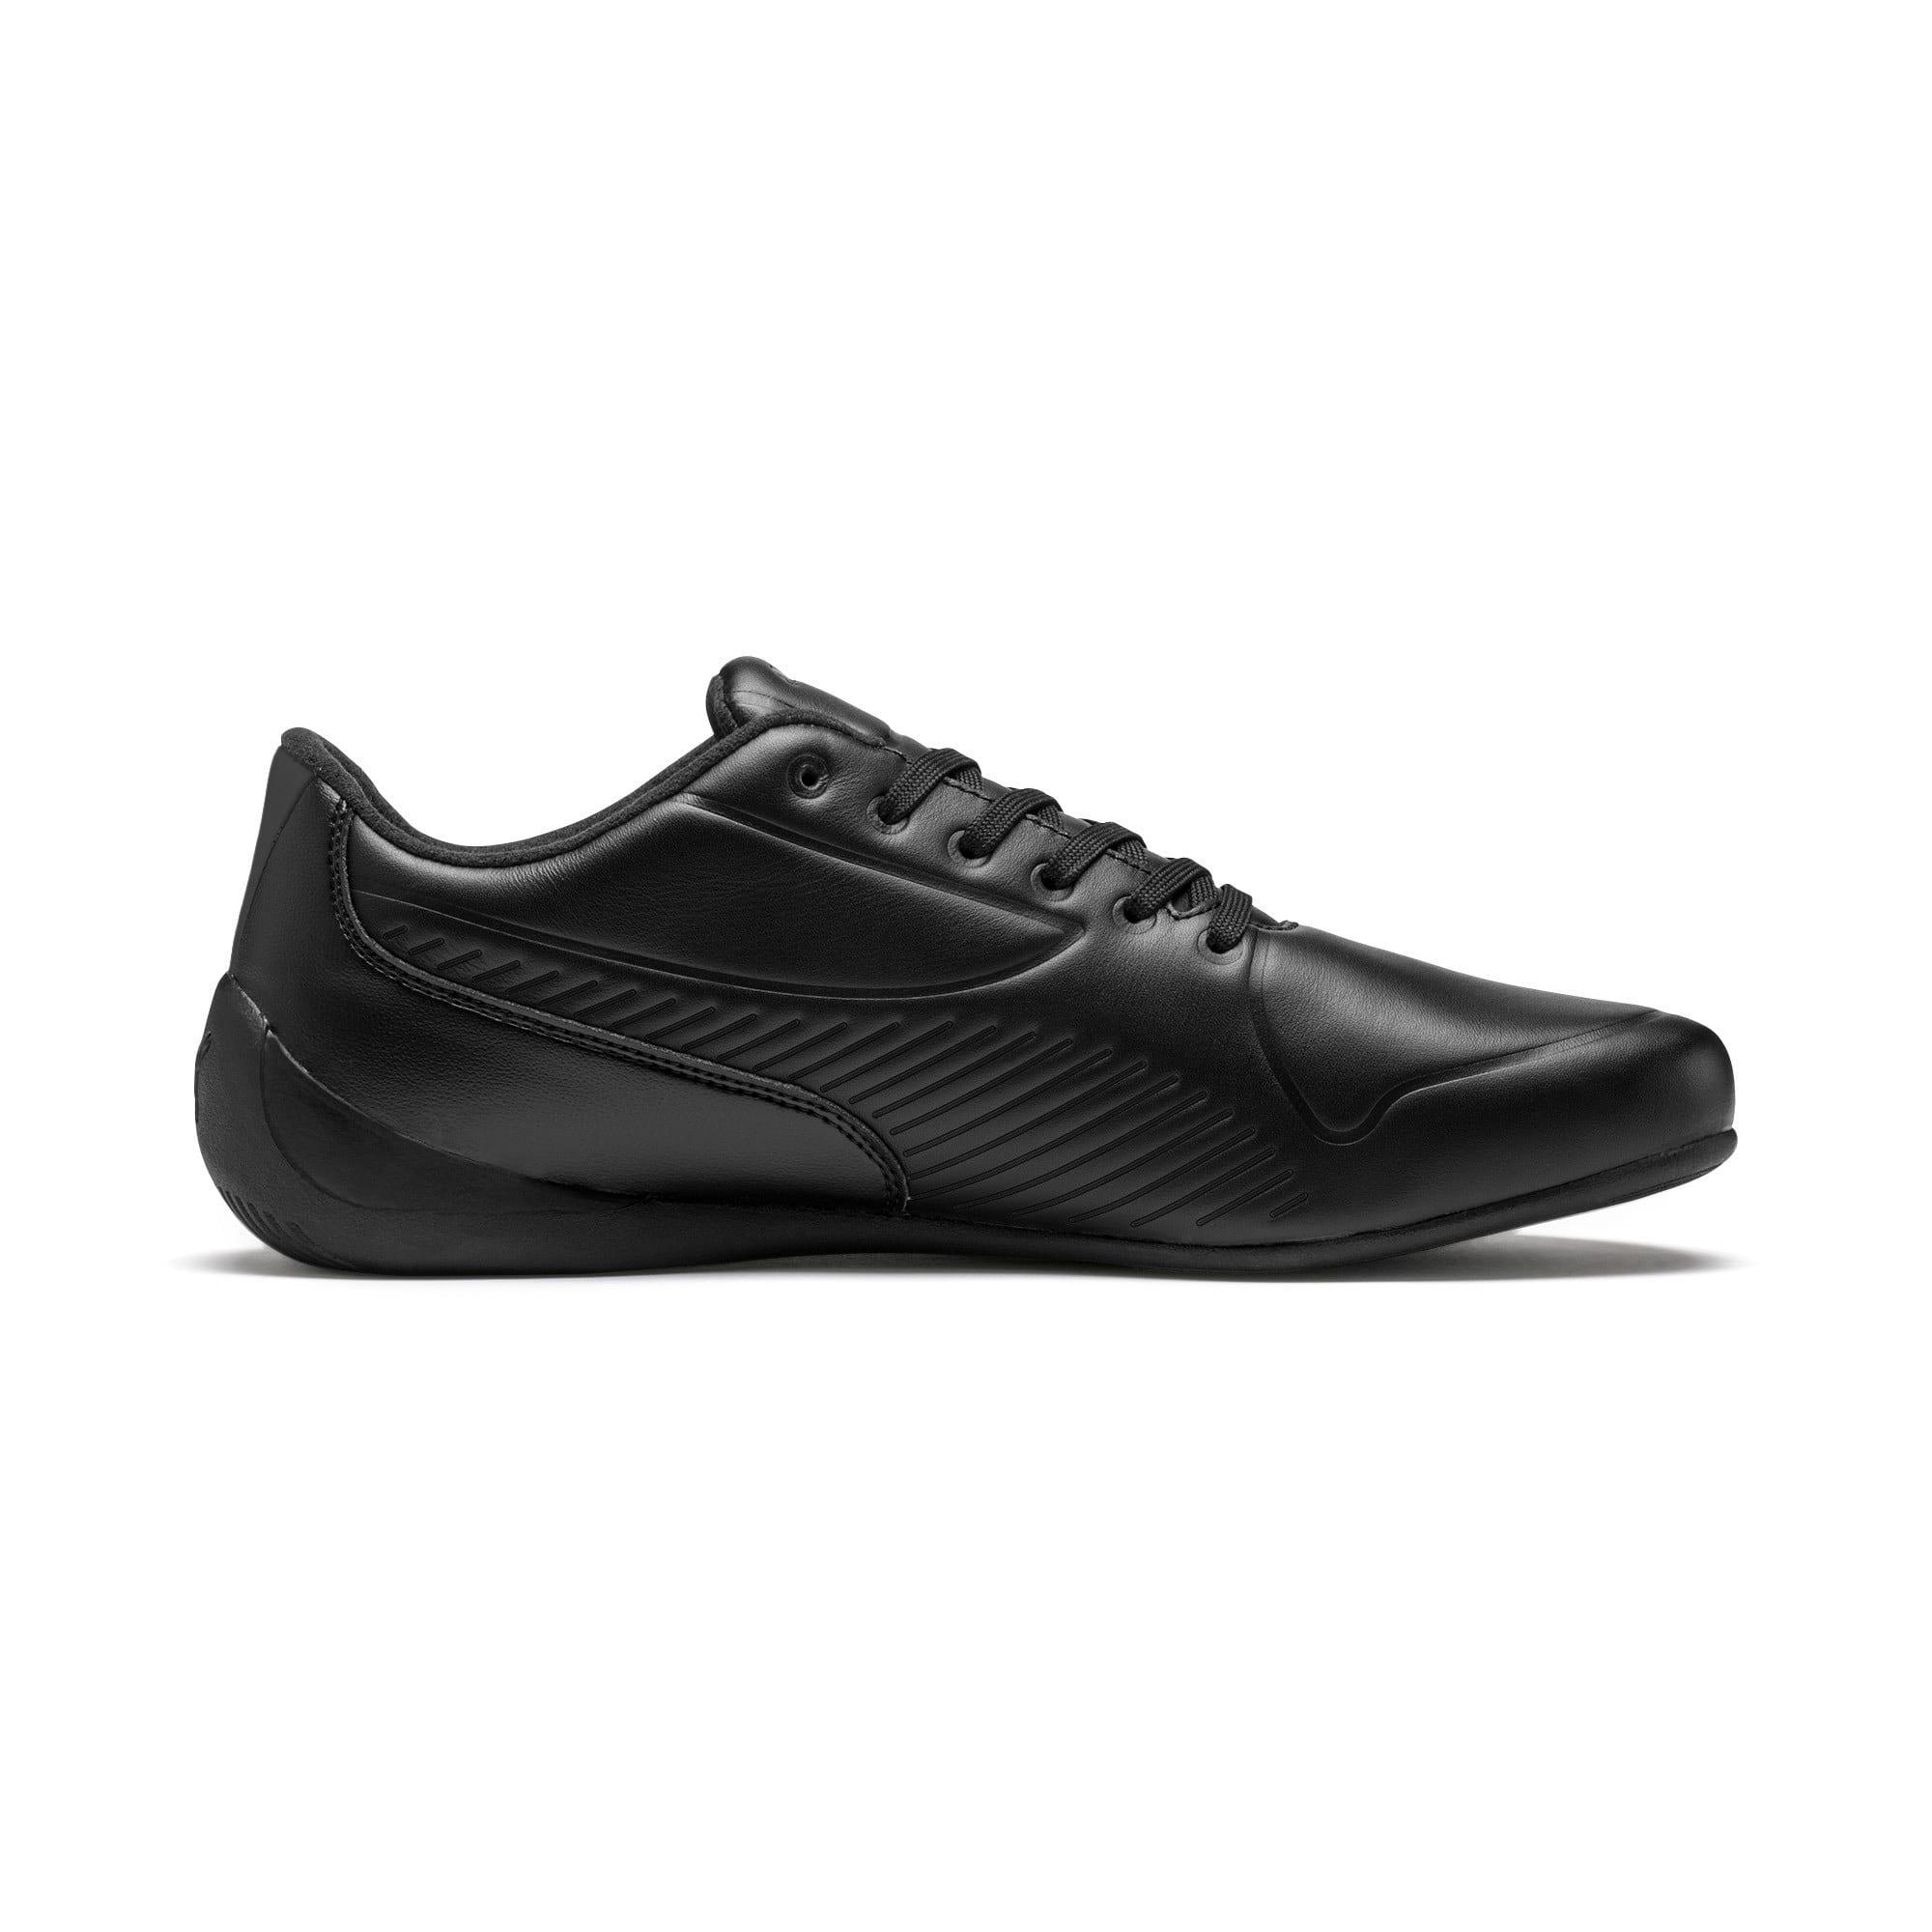 Thumbnail 7 of Scuderia Ferrari Drift Cat 7S Ultra LS Men's Shoes, Puma Black-Pastel Parchment, medium